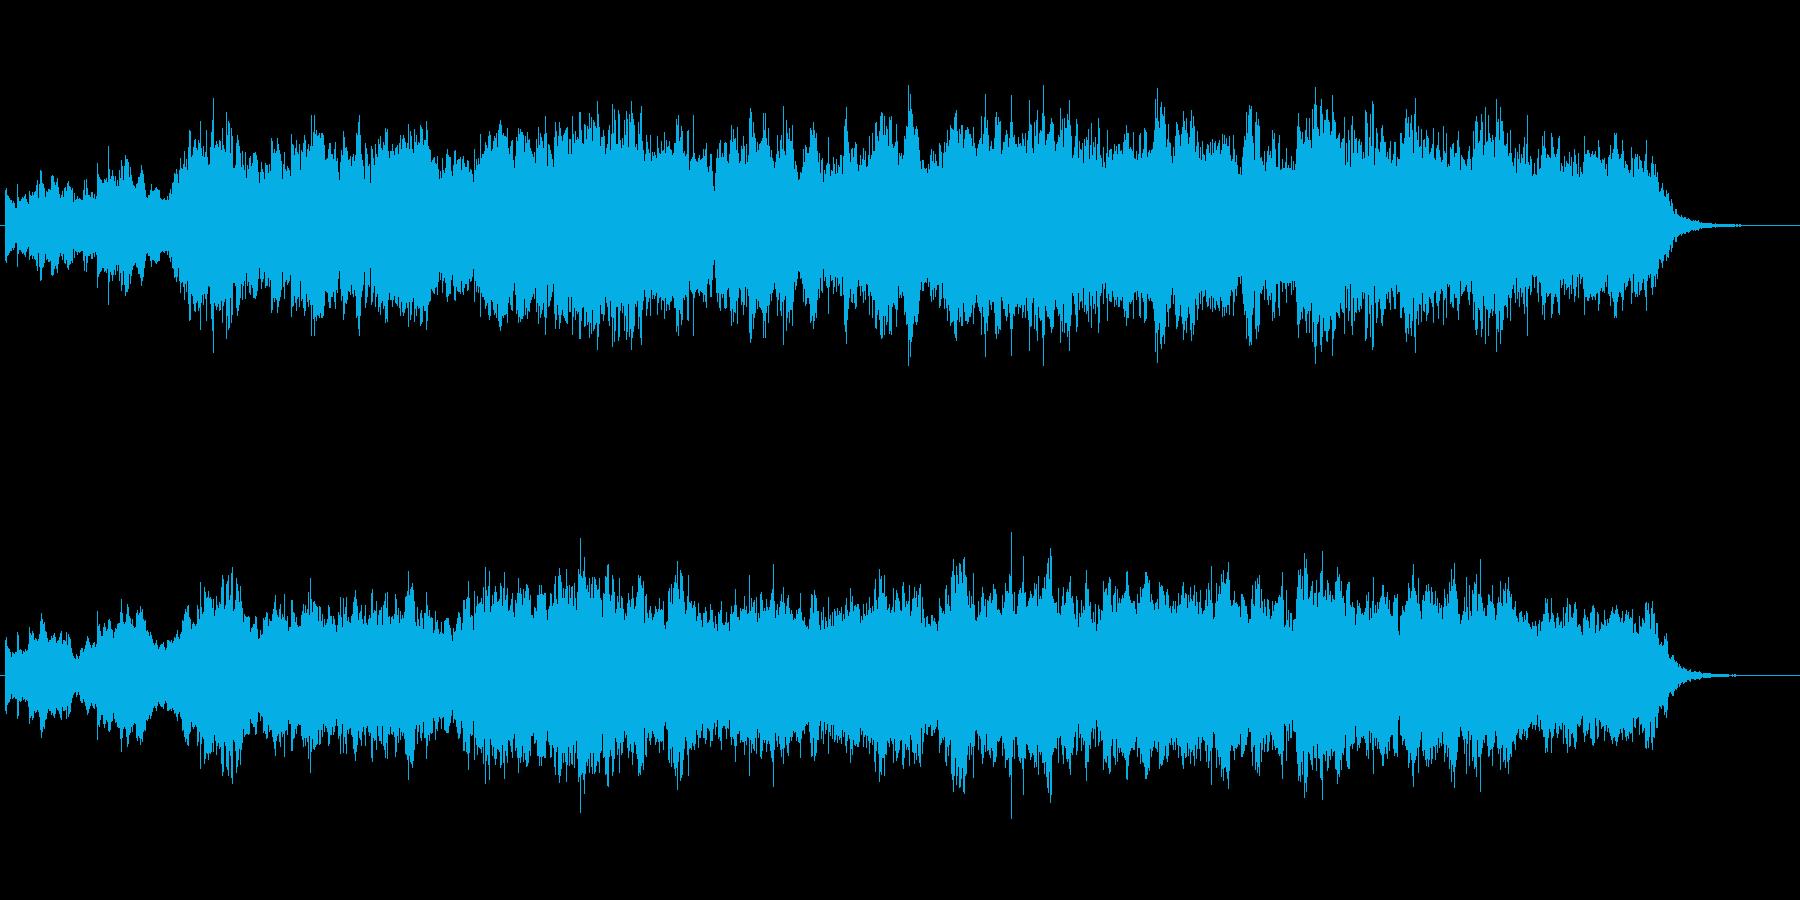 ハープとストリングスが印象的なジングルの再生済みの波形